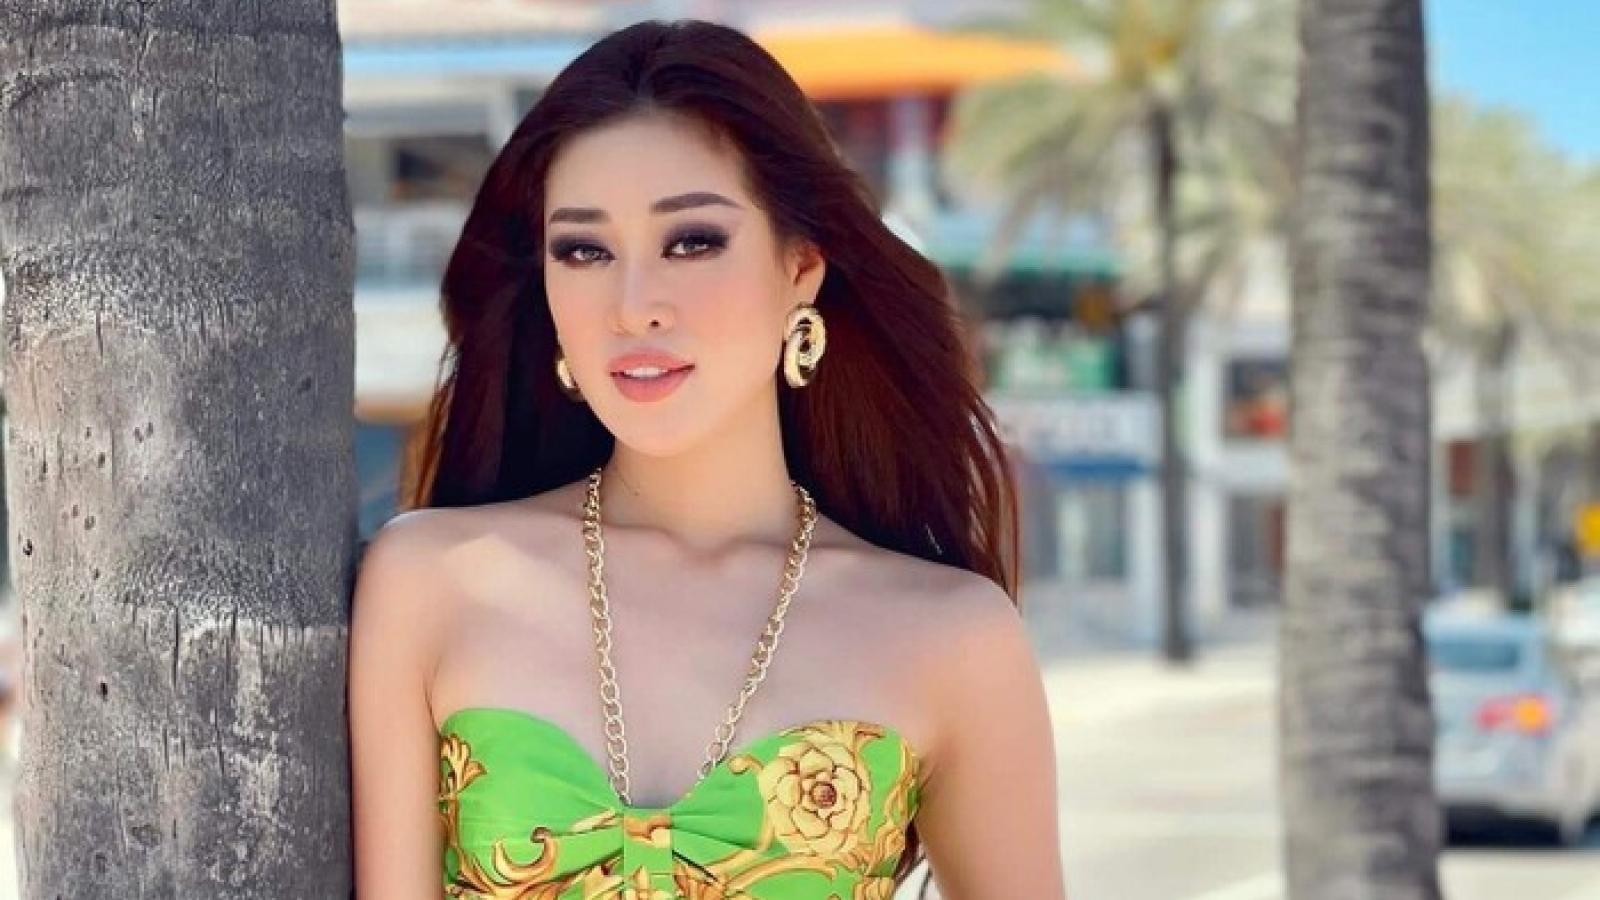 """Chuyện showbiz: Hoa hậu Khánh Vân khoe eo """"con kiến"""", thả dáng ngọt ngào trên bãi biển"""